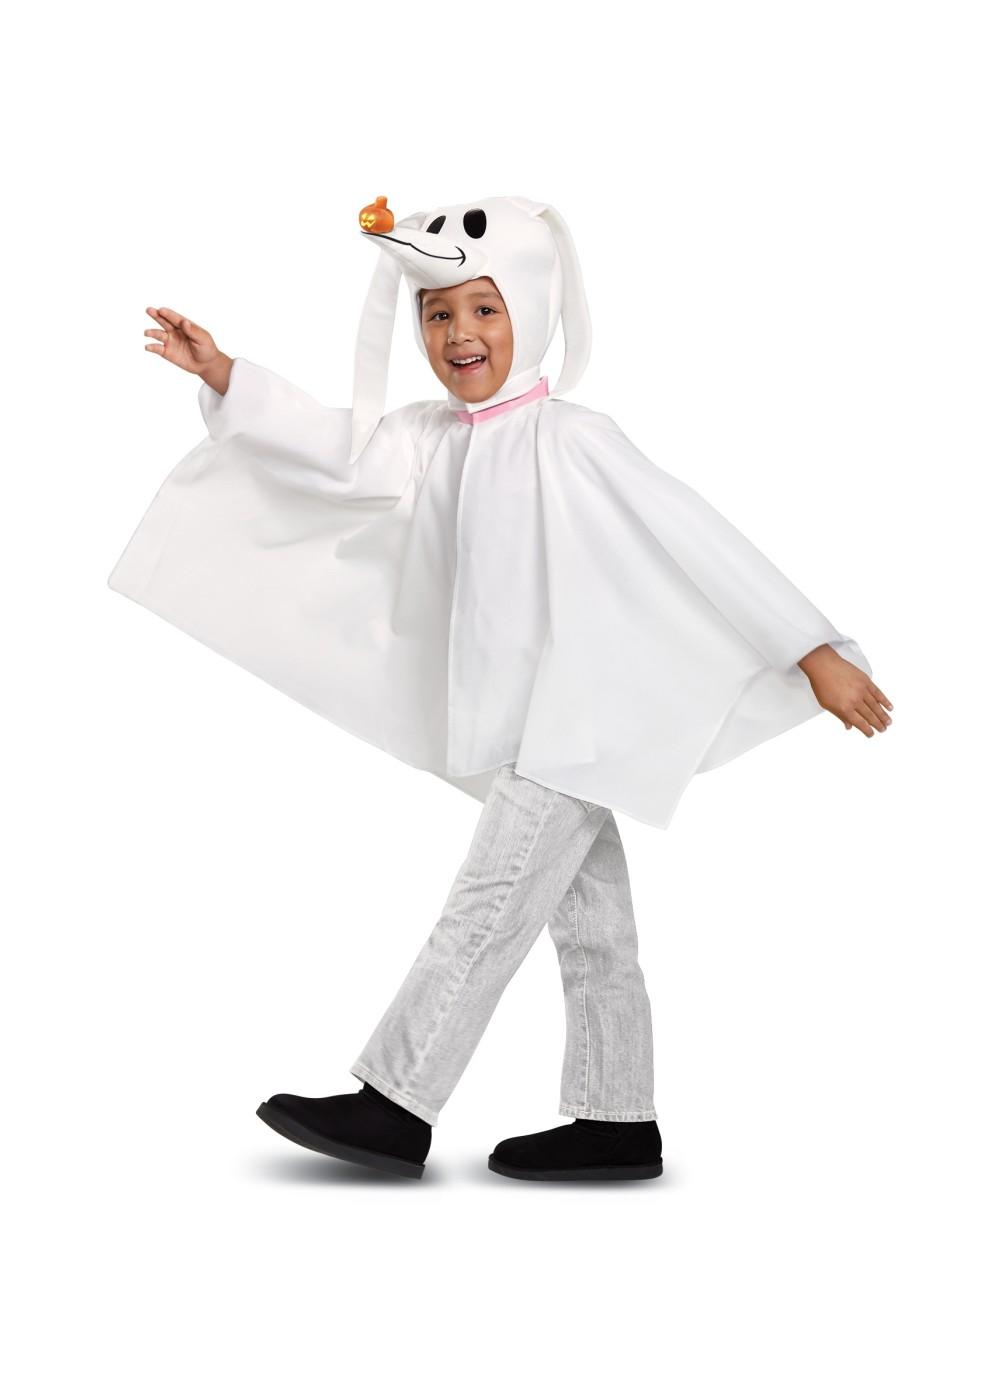 Fullsize Of Toddler Ghost Costume